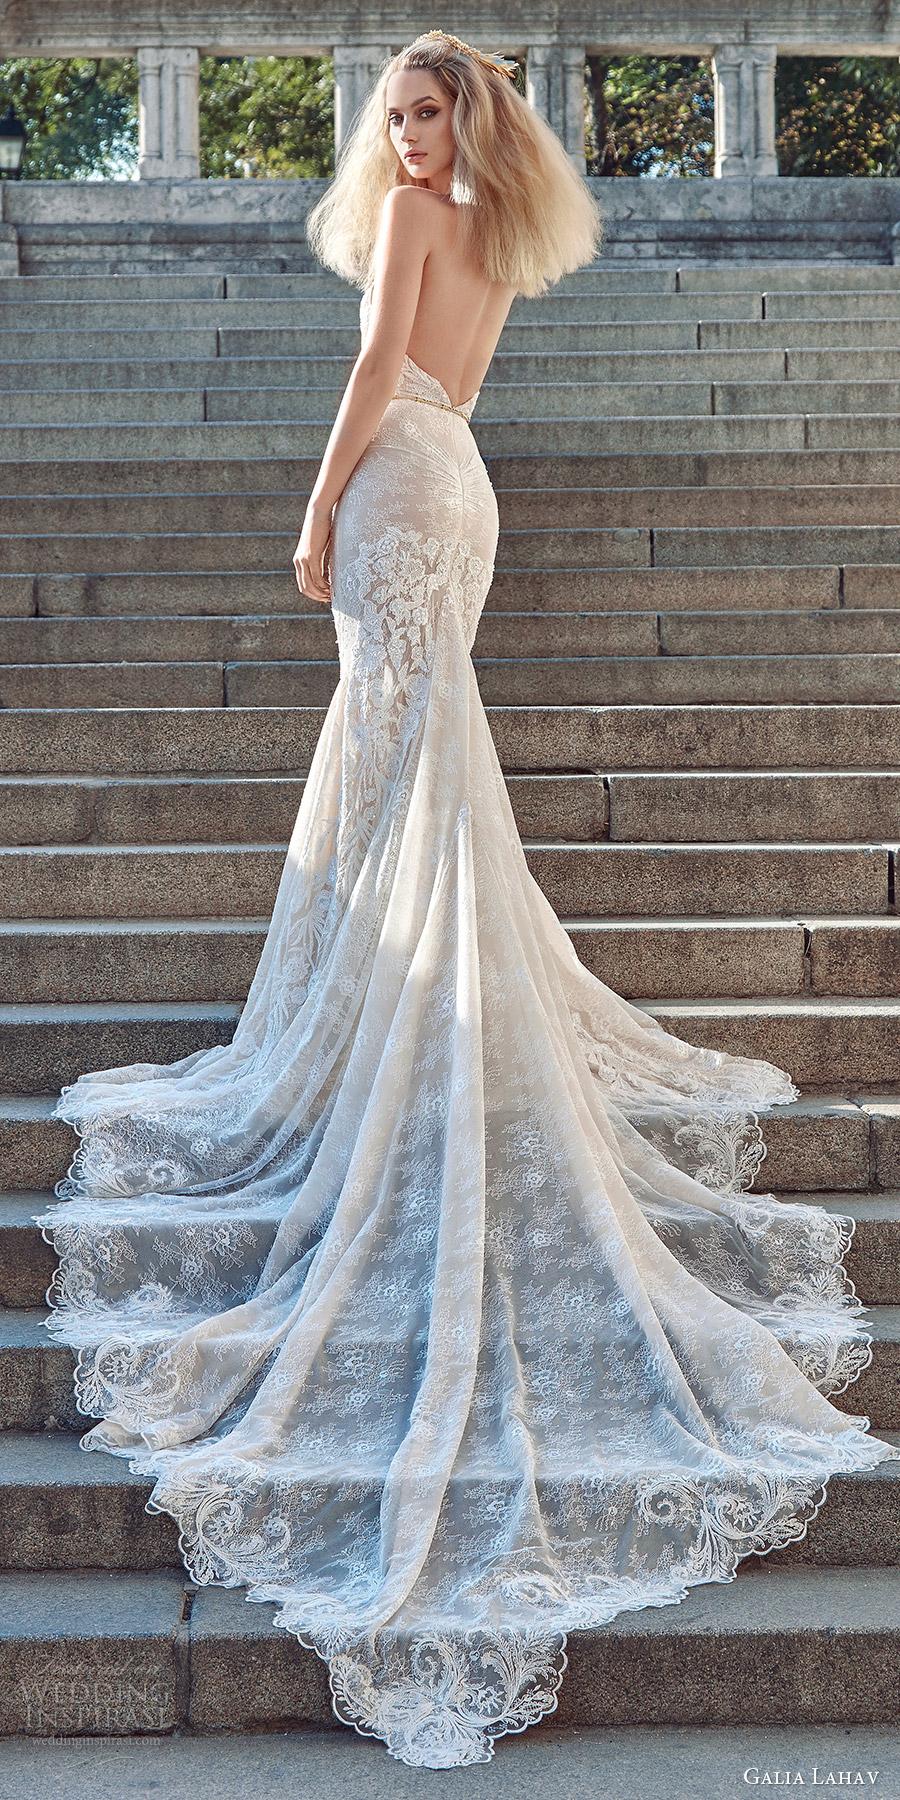 Victorian Gothic Wedding Dresses 64 Nice galia lahav fall bridal